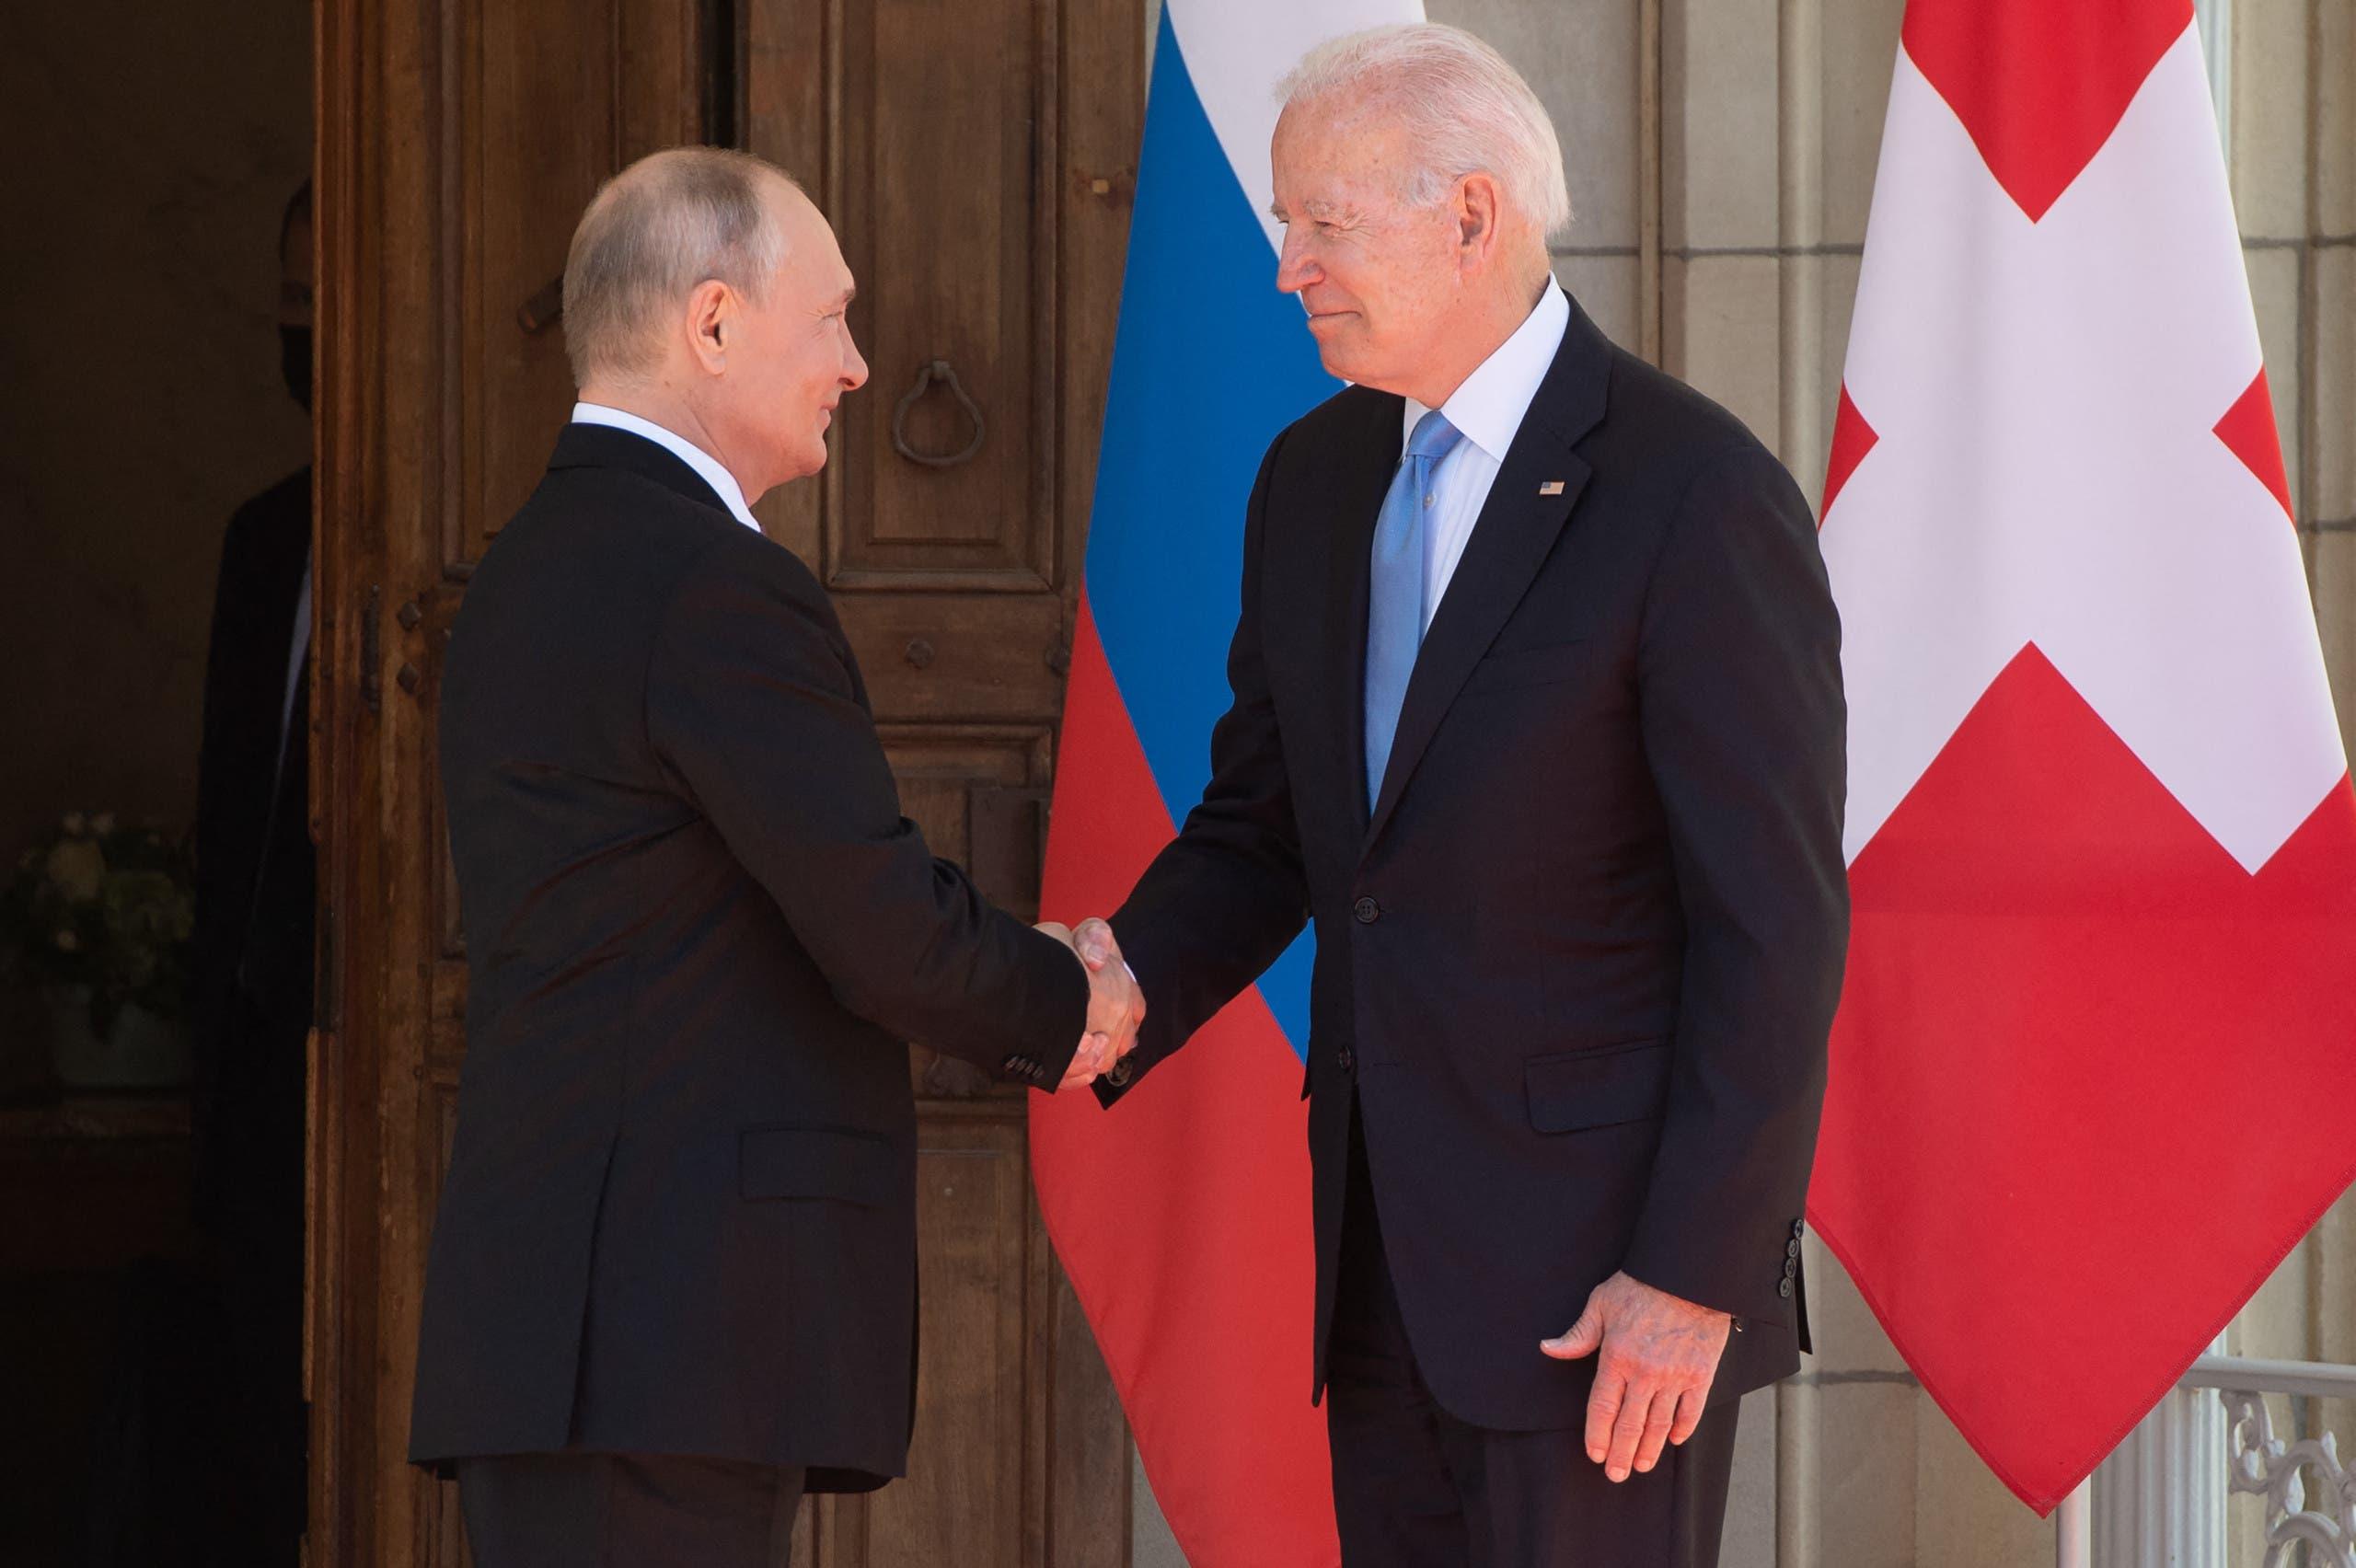 مصافحة بين بوتين وبايدن في أول لقاء بينهما في جنيف منذ انتخاب الرئيس الأميركي